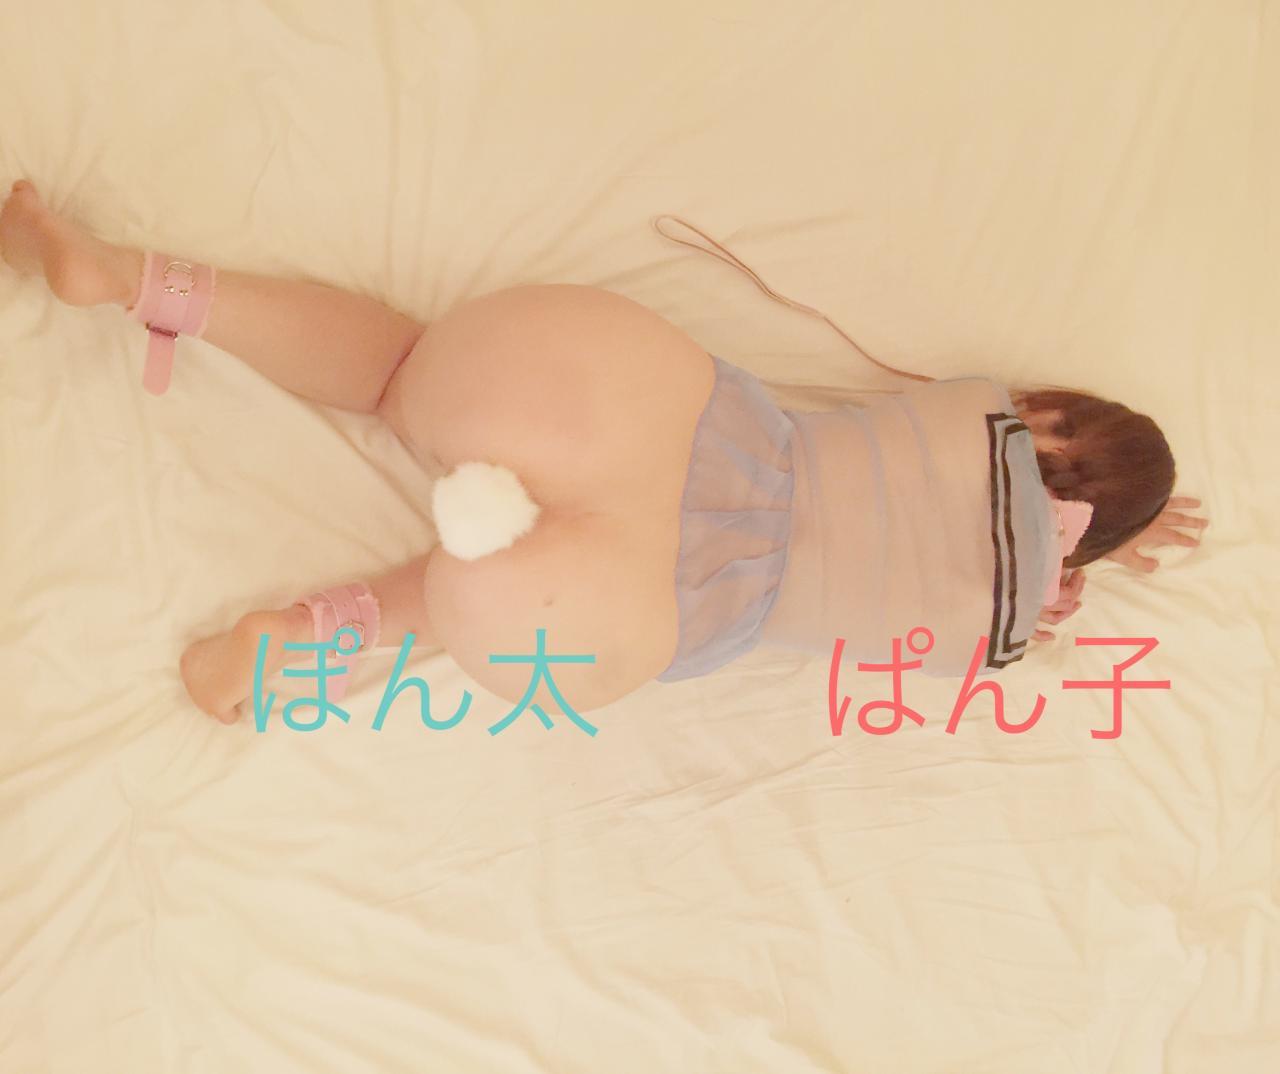 変態アナルお姉さんの素人エロ画像3